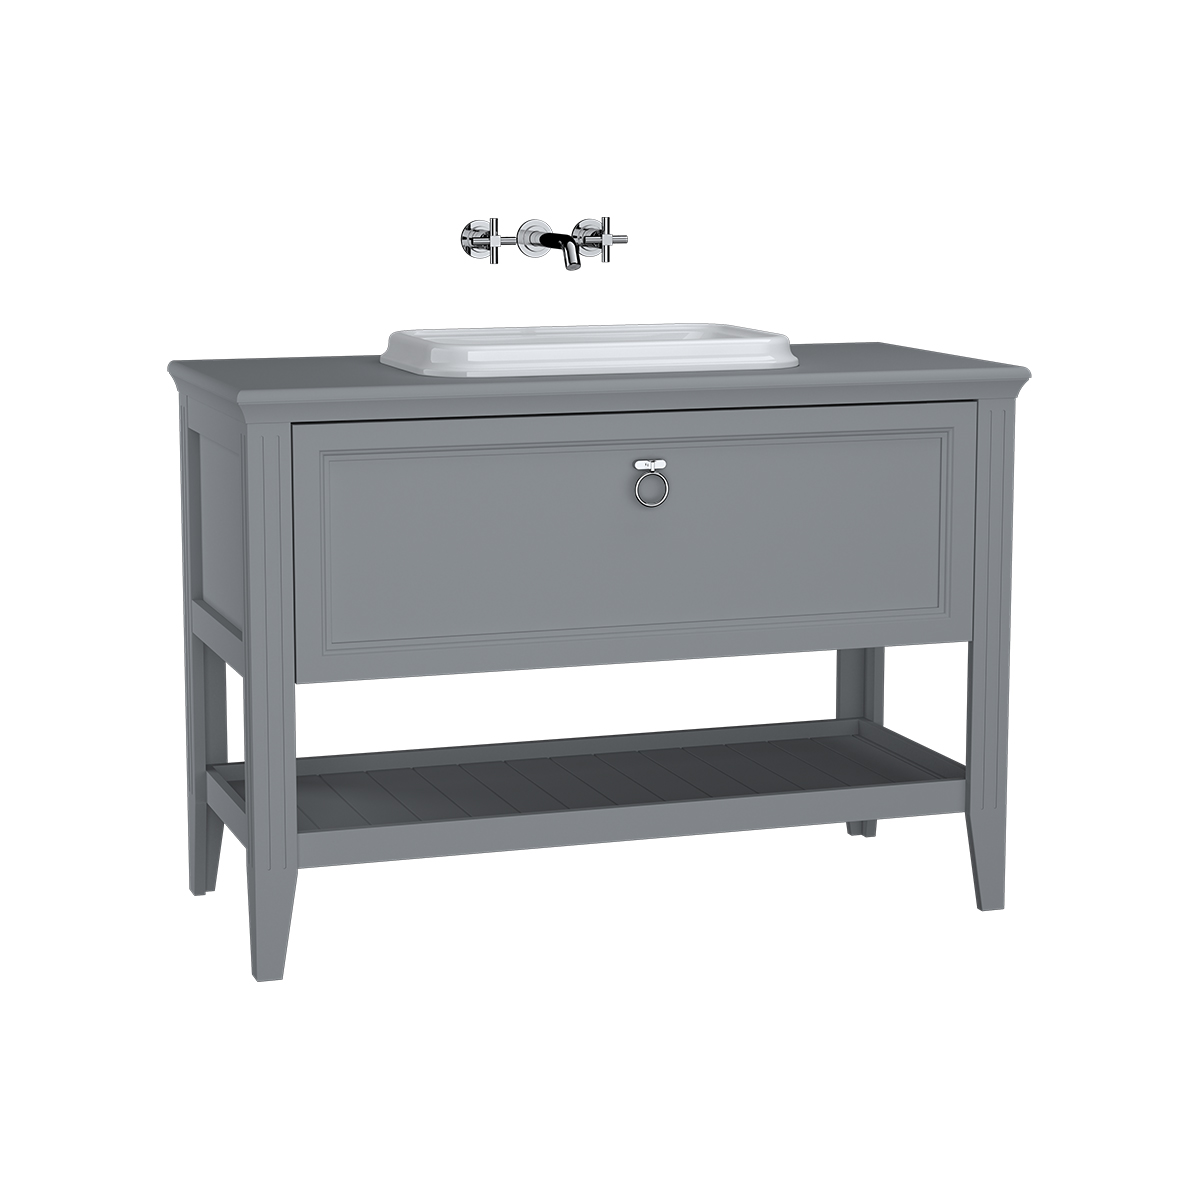 Valarte meuble sous vasque encastrée, 120 cm, avec tiroir, gris mat